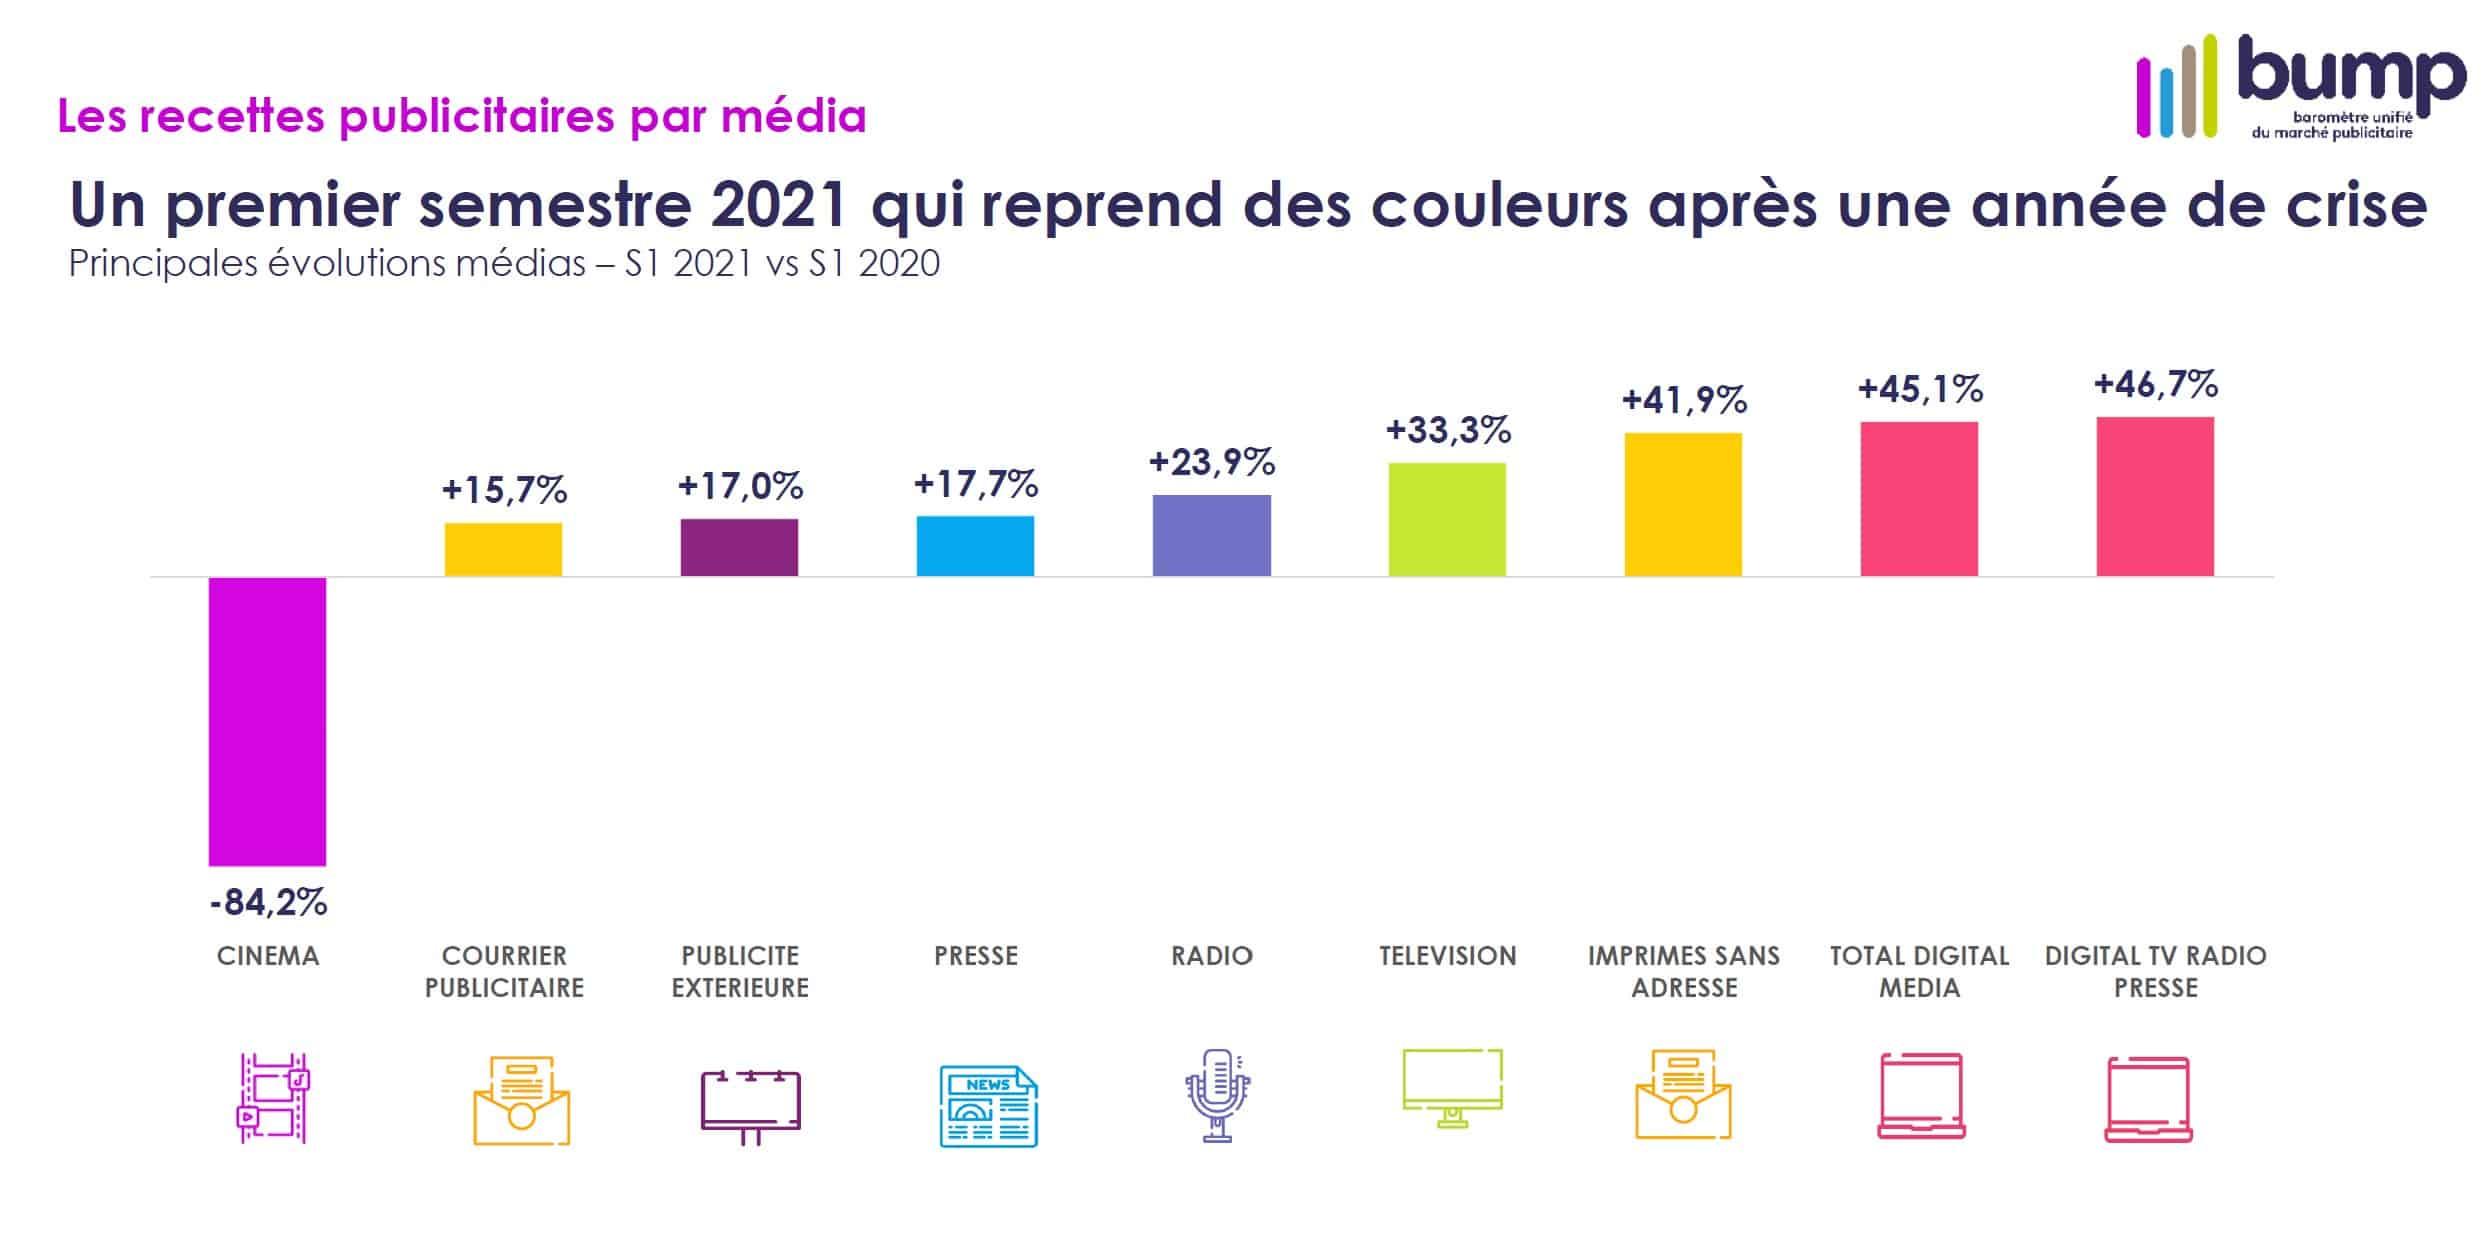 Graphique du BUMP 2021 représentant les recettes publicitaires par média